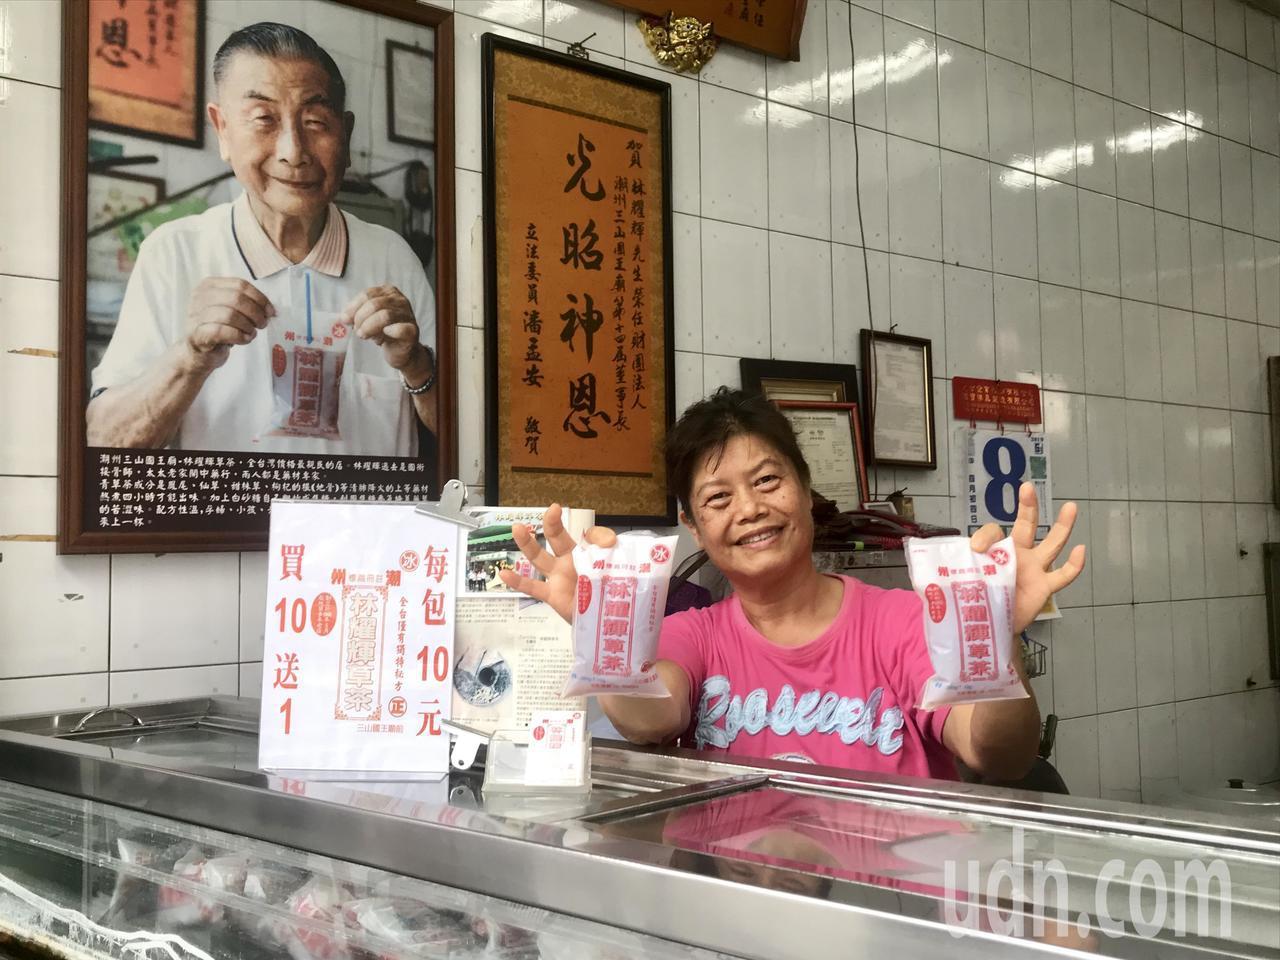 林耀輝草茶位在屏東縣潮州鎮三山國王廟旁,開業超過半世紀,是潮州在地人相當熟悉的老...